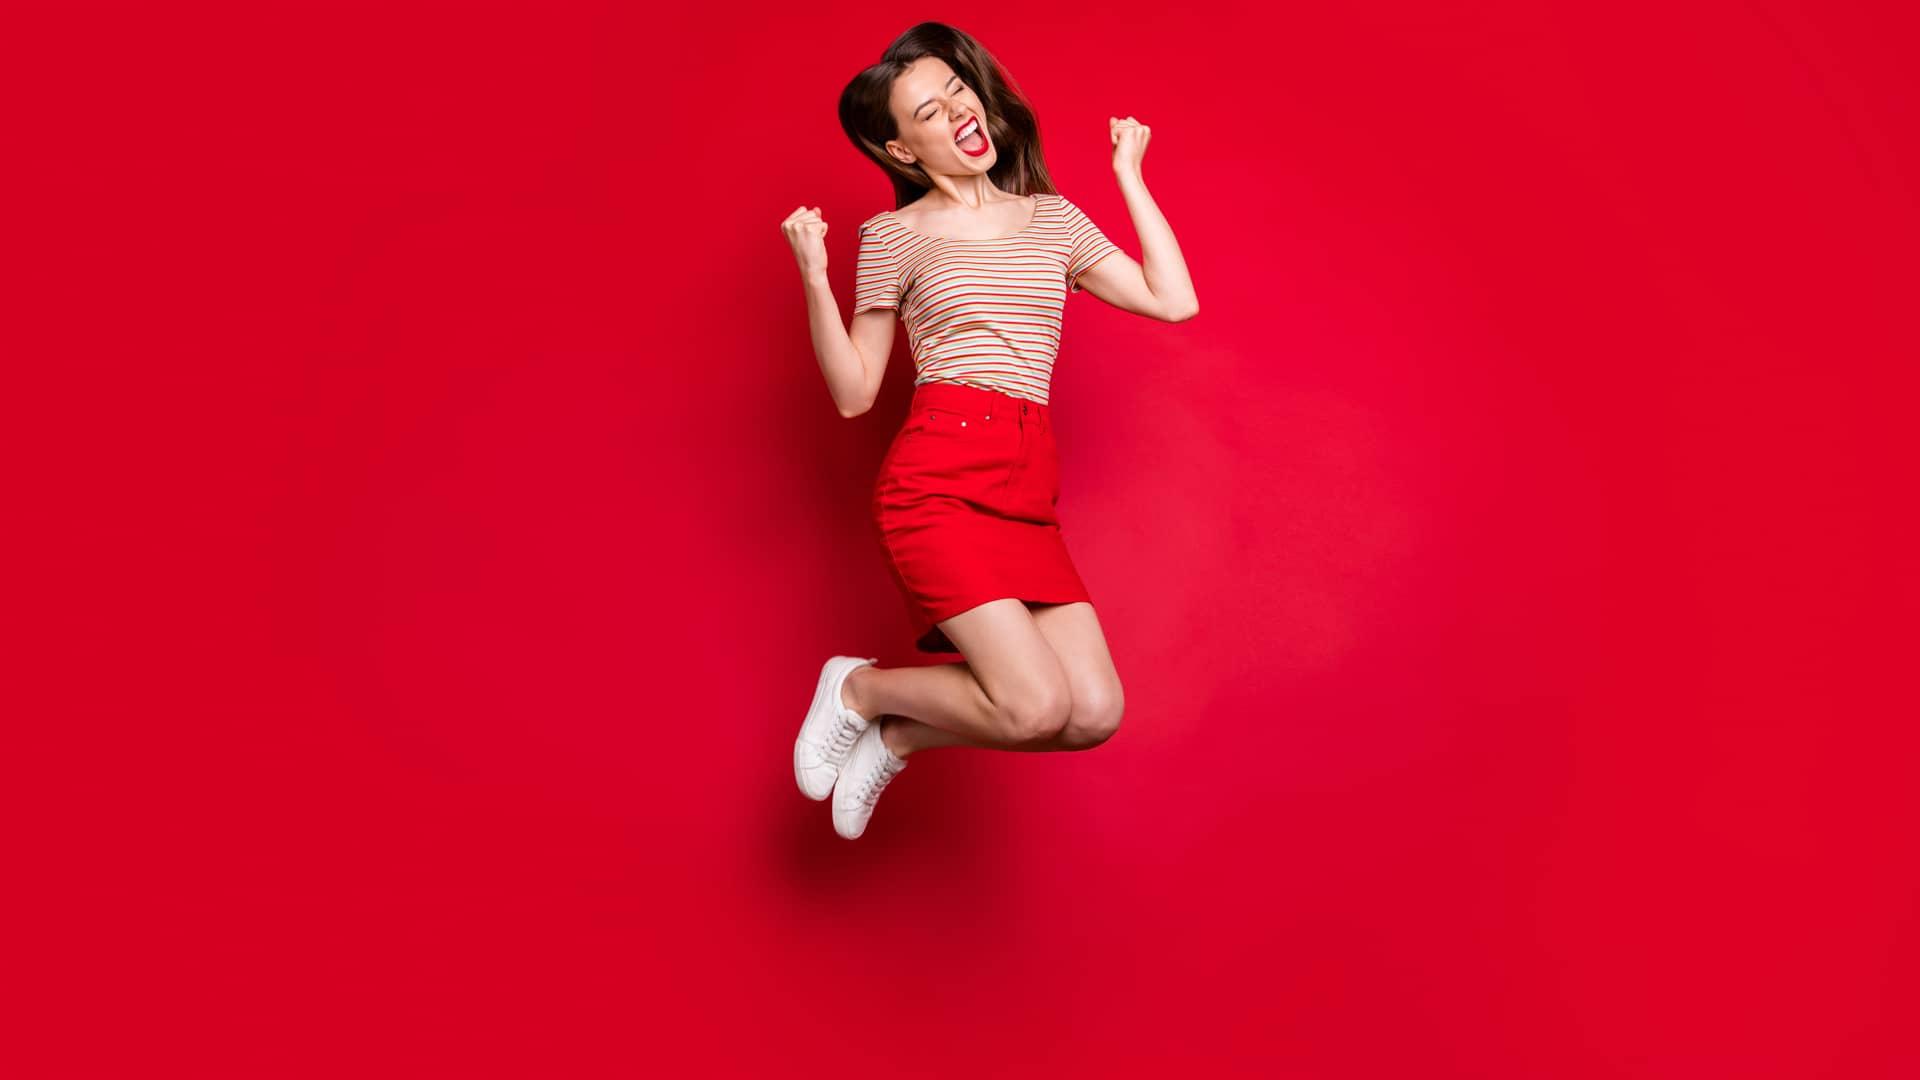 Joven saltando alegre representa portabilidad de virgin telco